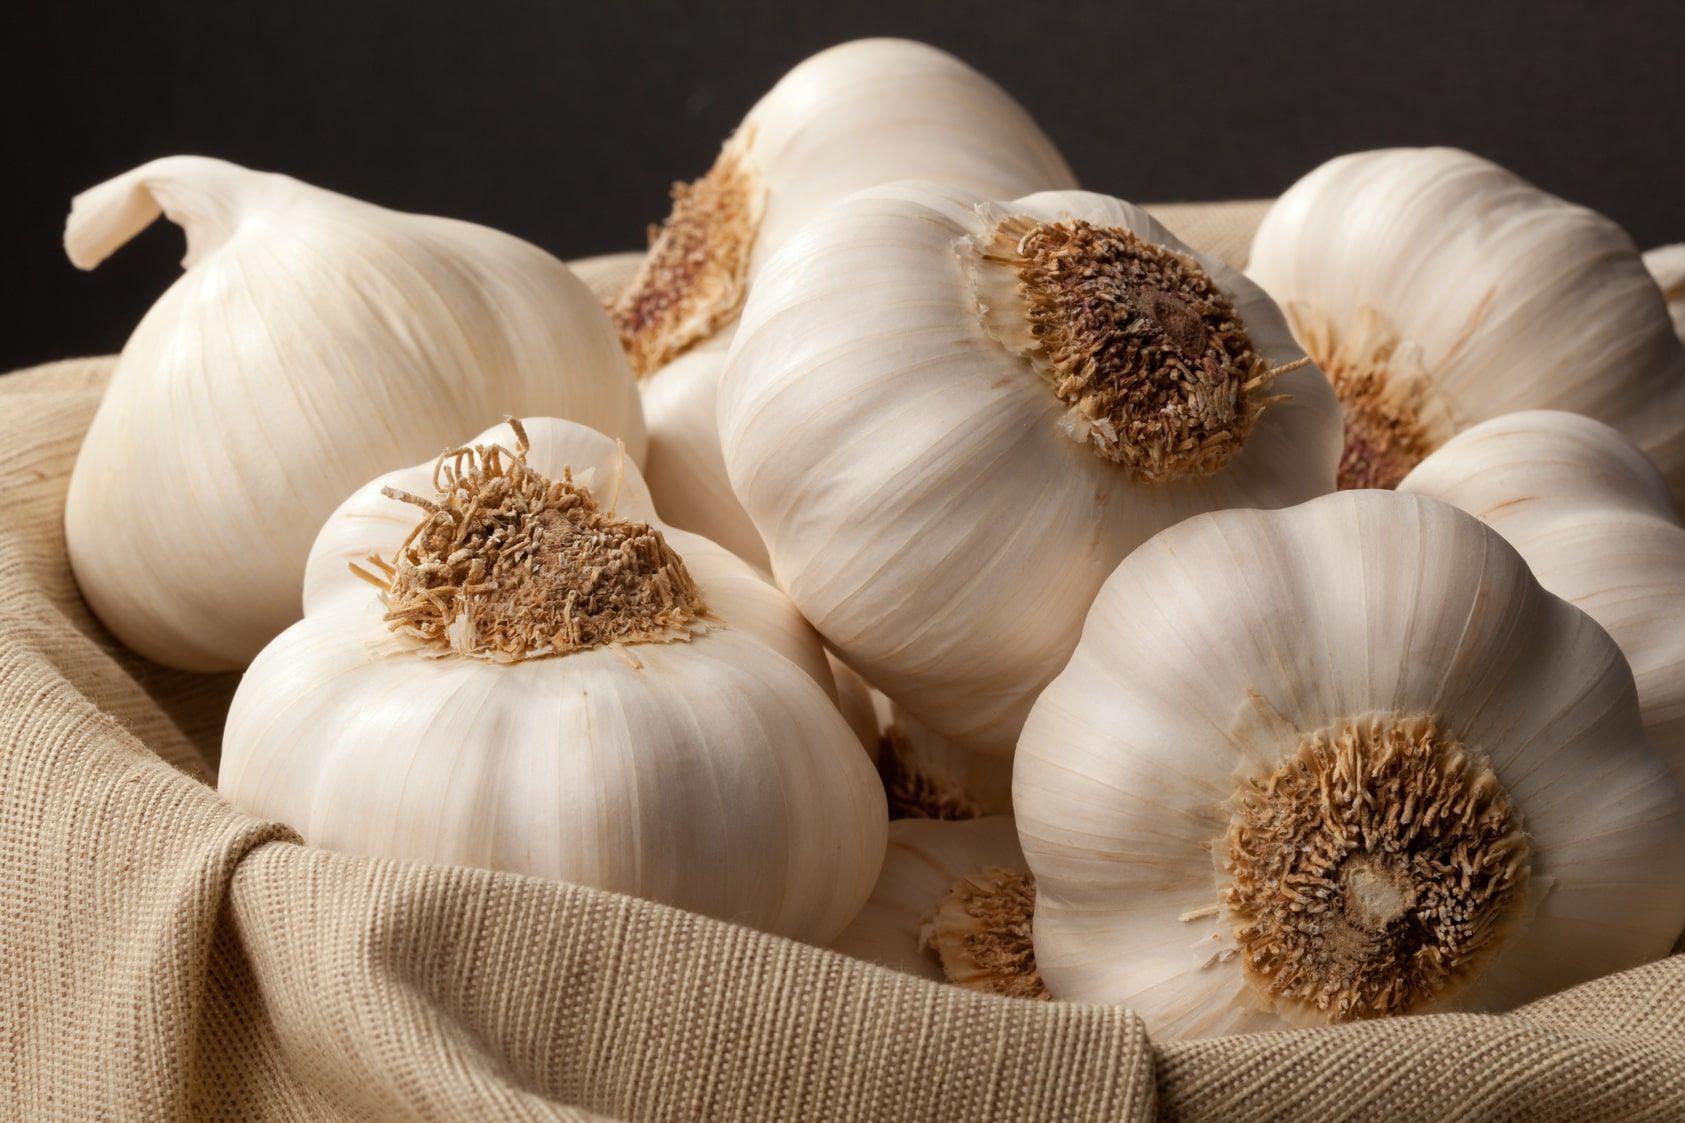 تفسير رؤية زرع الثوم في المنام موسوعة Garlic Health Benefits Garlic Benefits Anti Aging Food